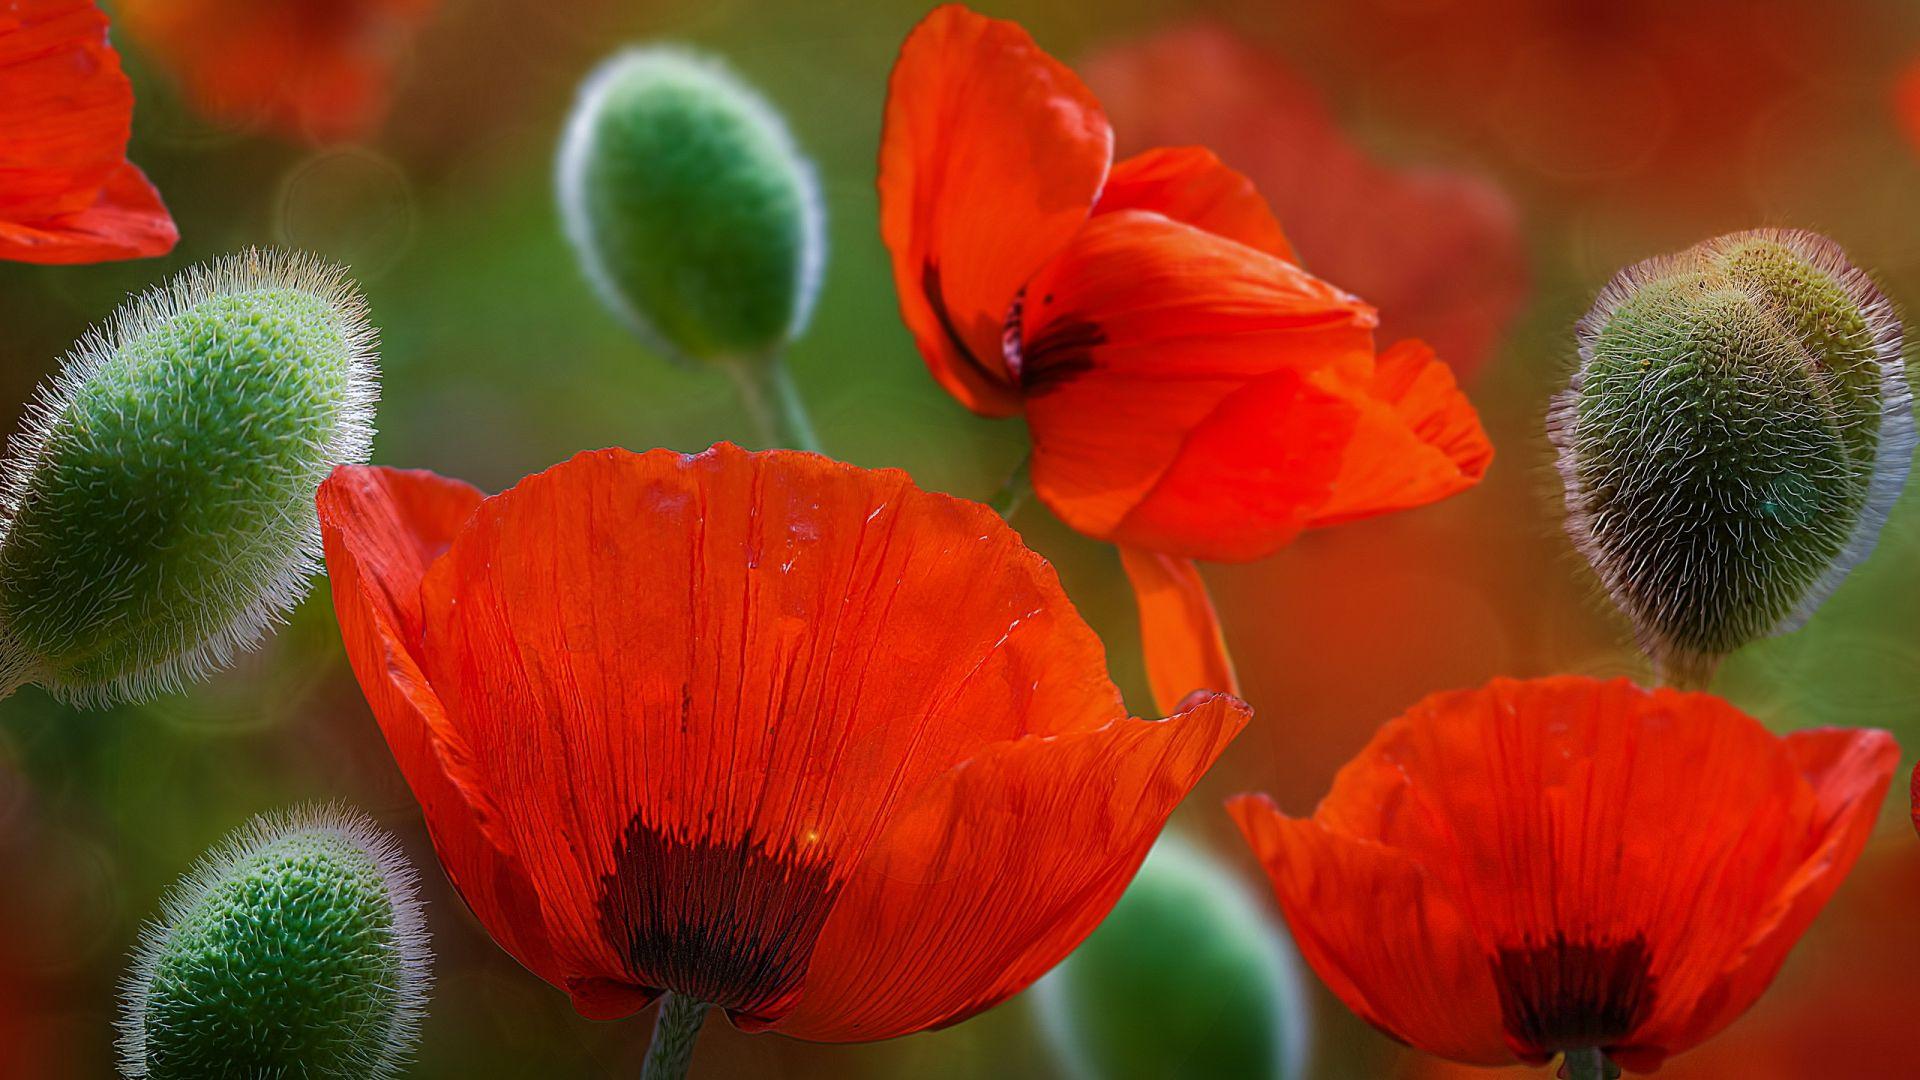 Desktop wallpaper beautiful poppy flowers hd image picture beautiful poppy flowers wallpaper mightylinksfo